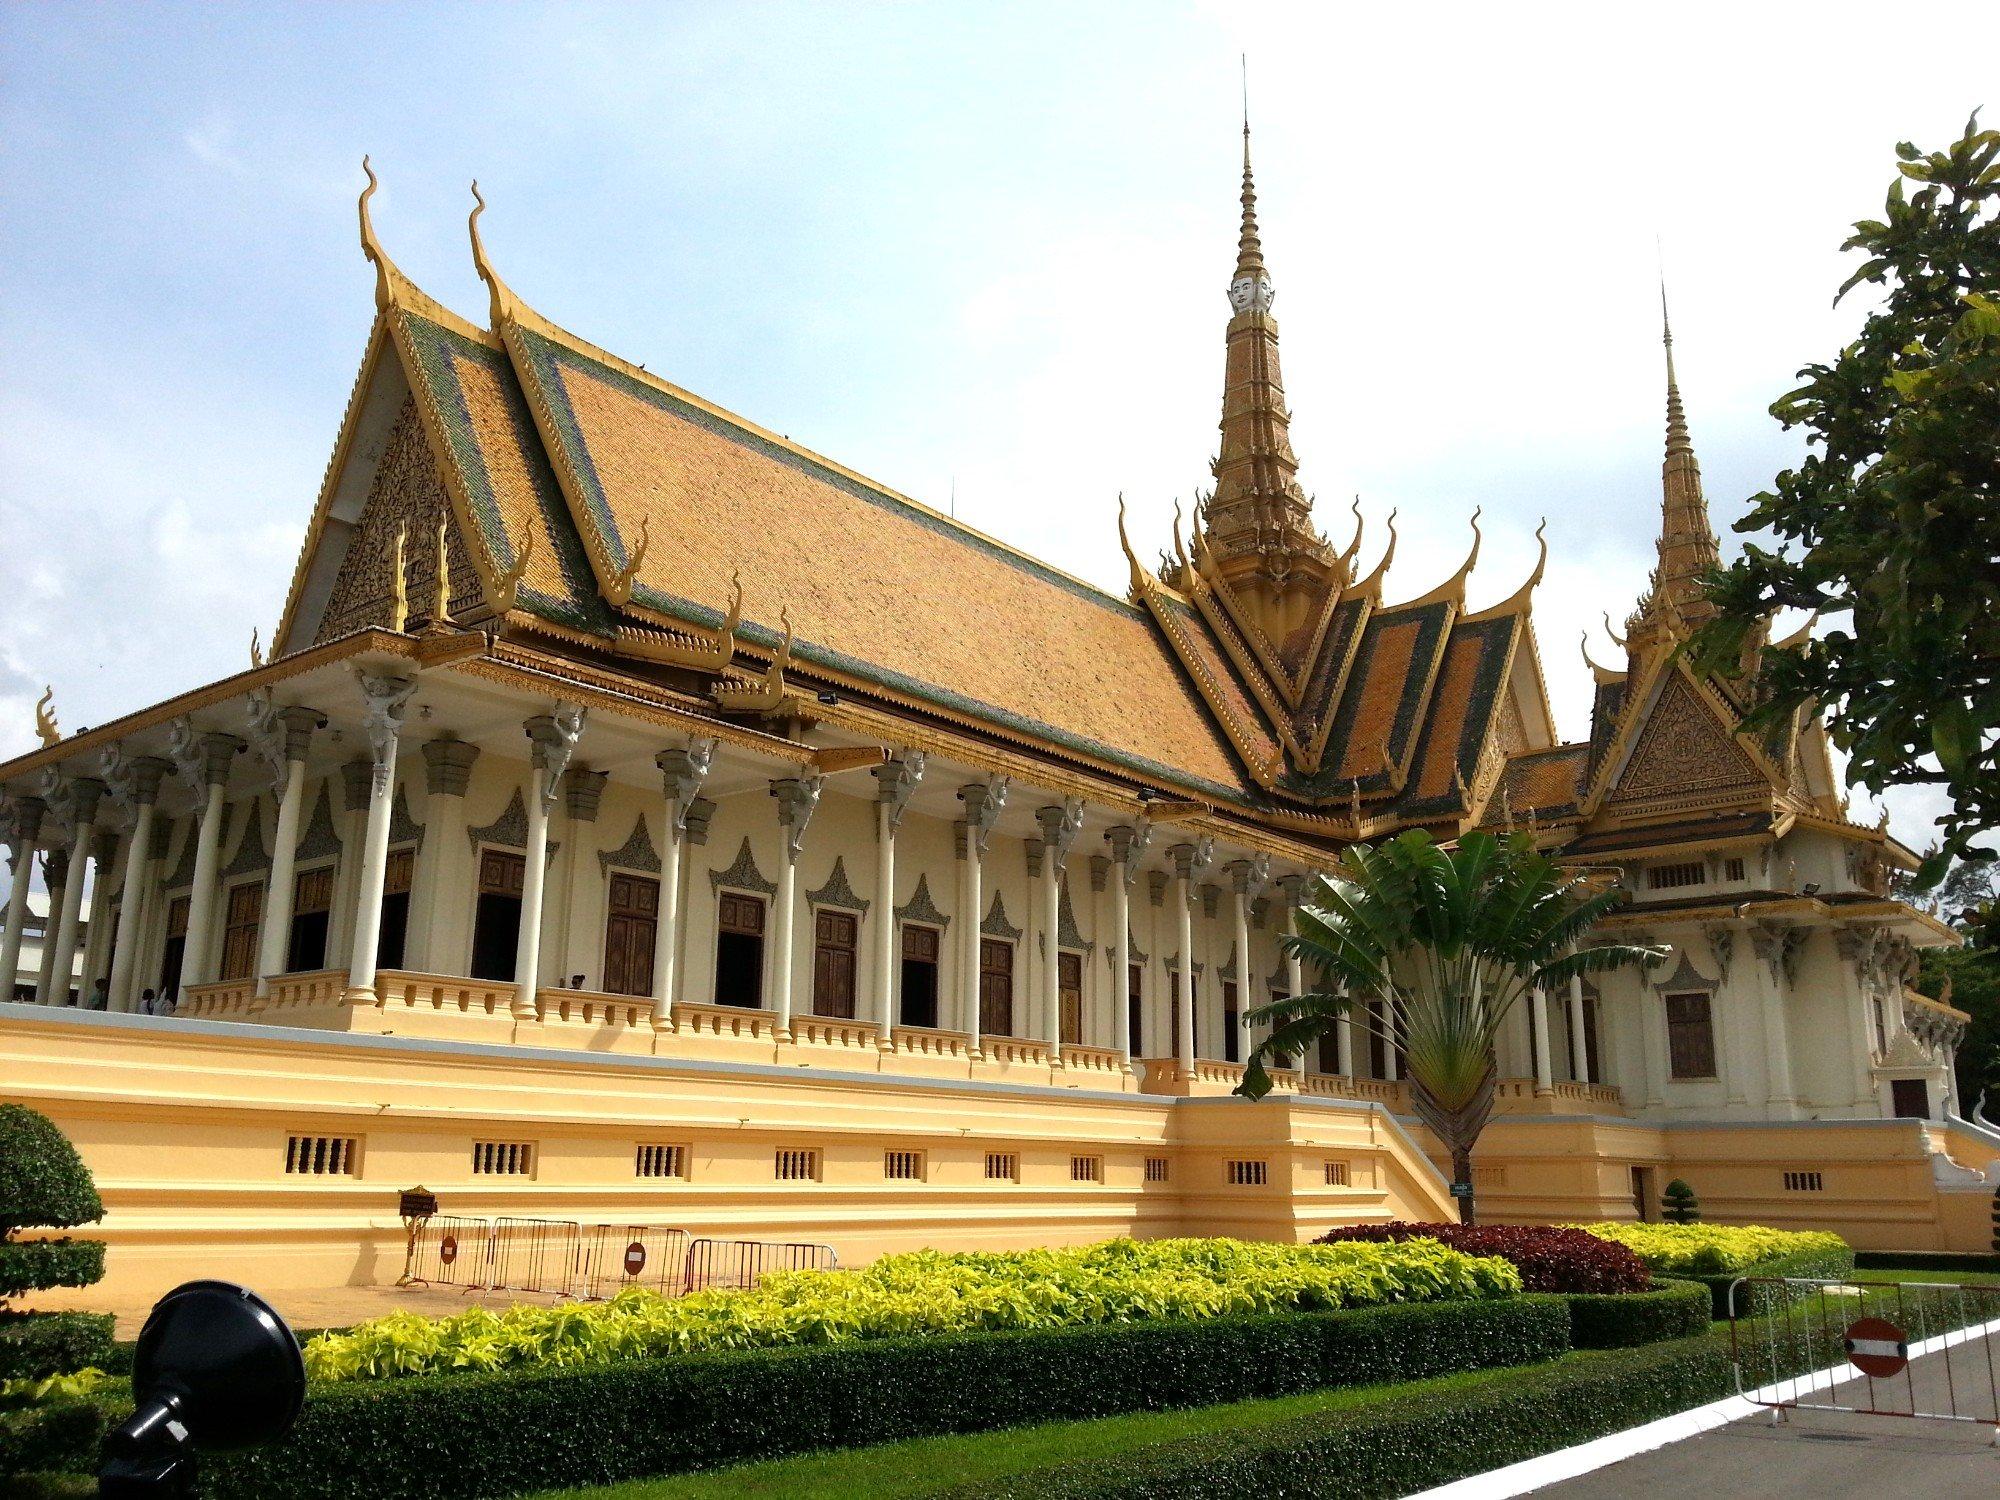 Throne Hall at Phnom Penh Royal Palace